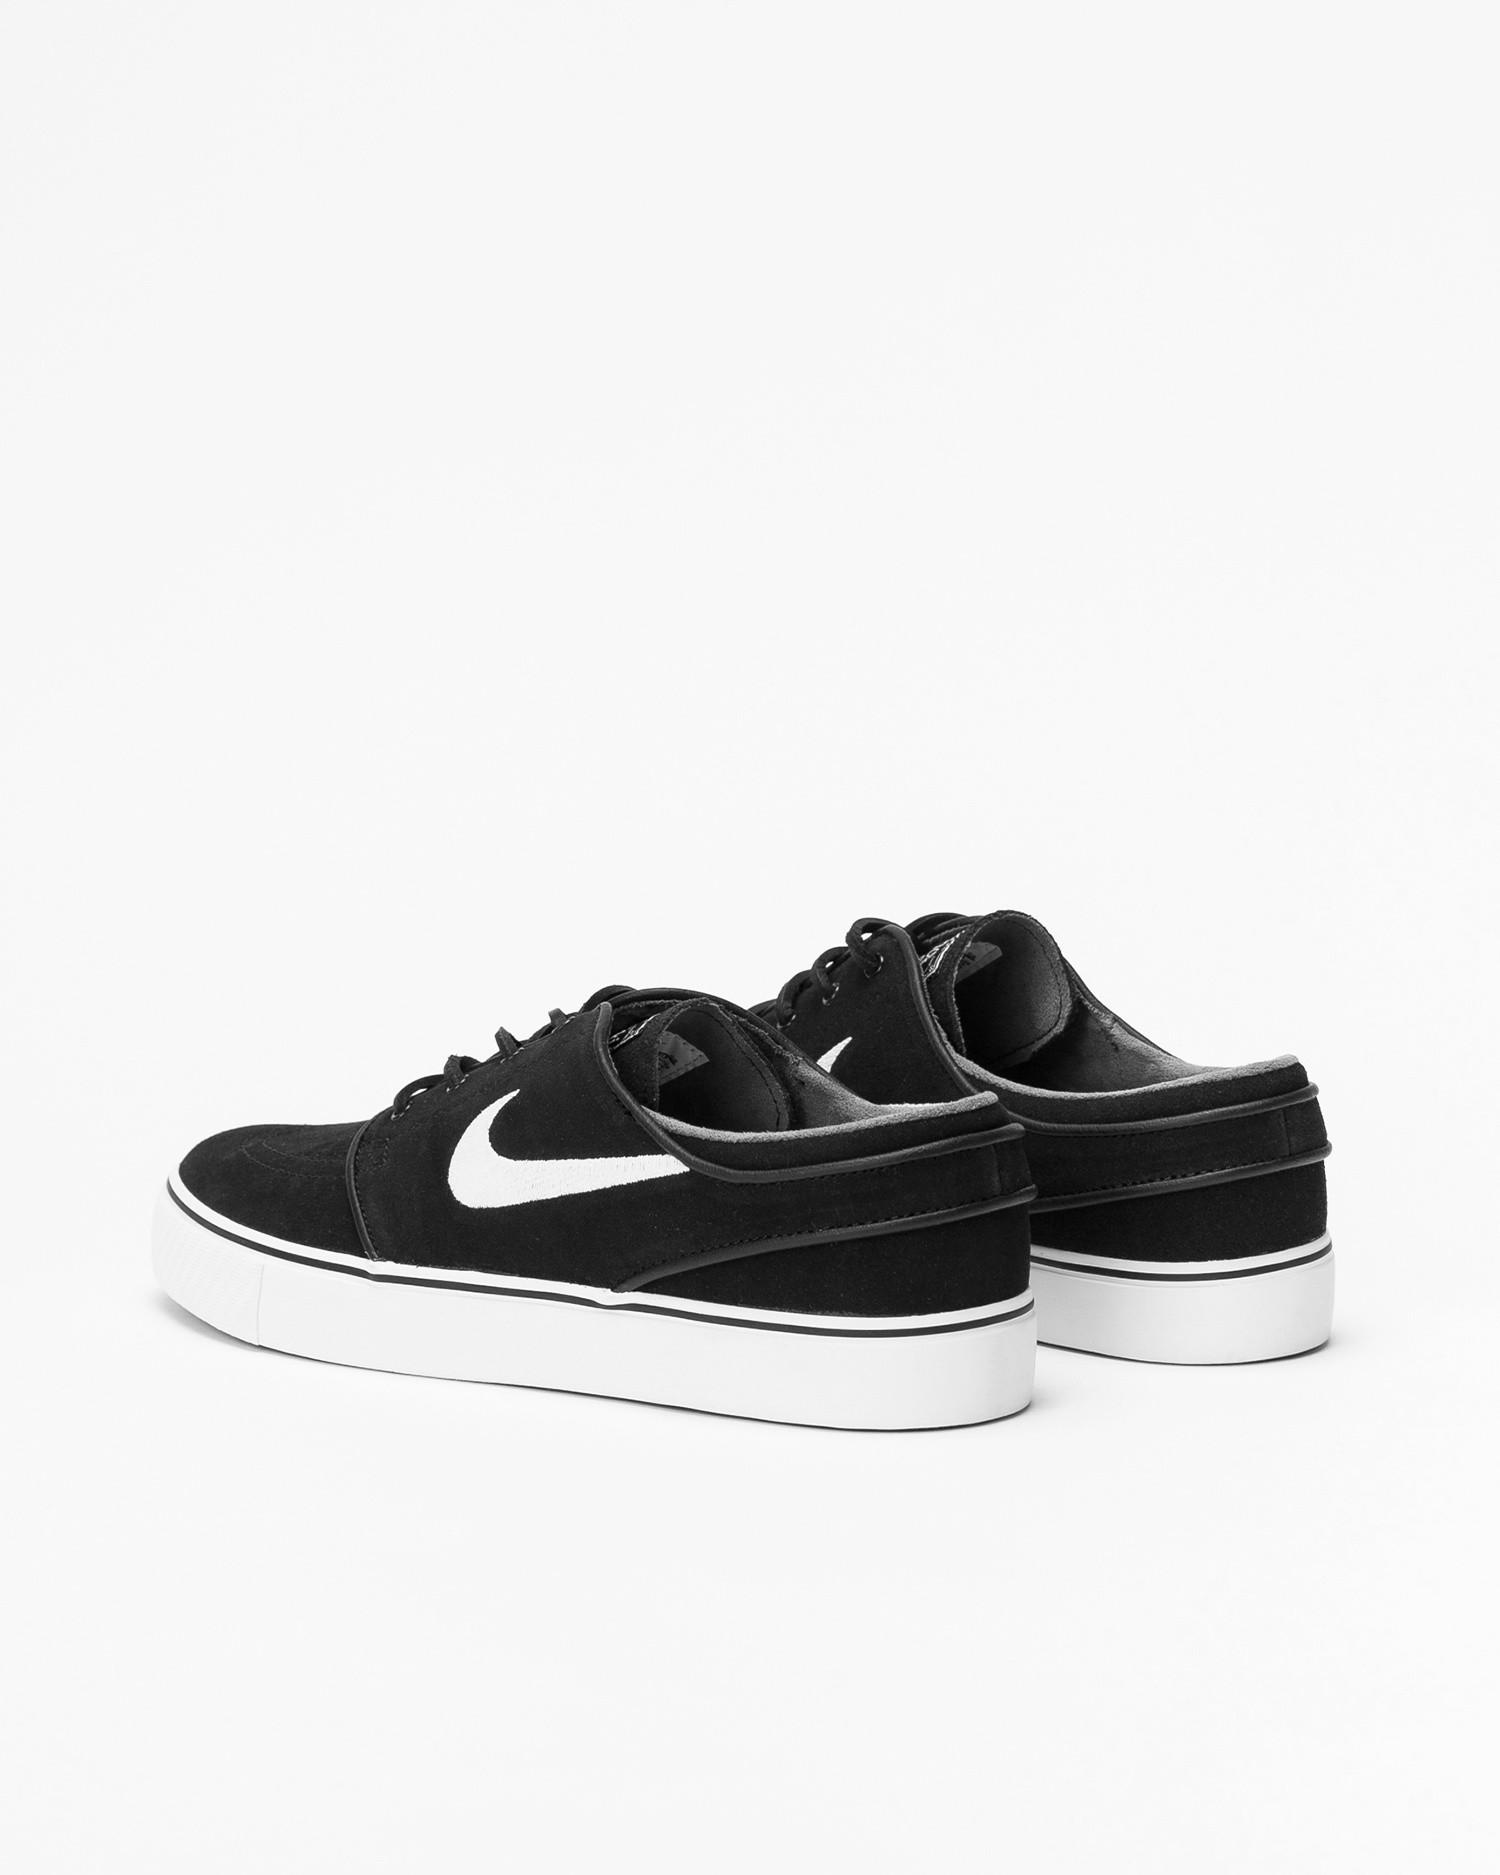 Nike Stefan Janoski OG Black/White